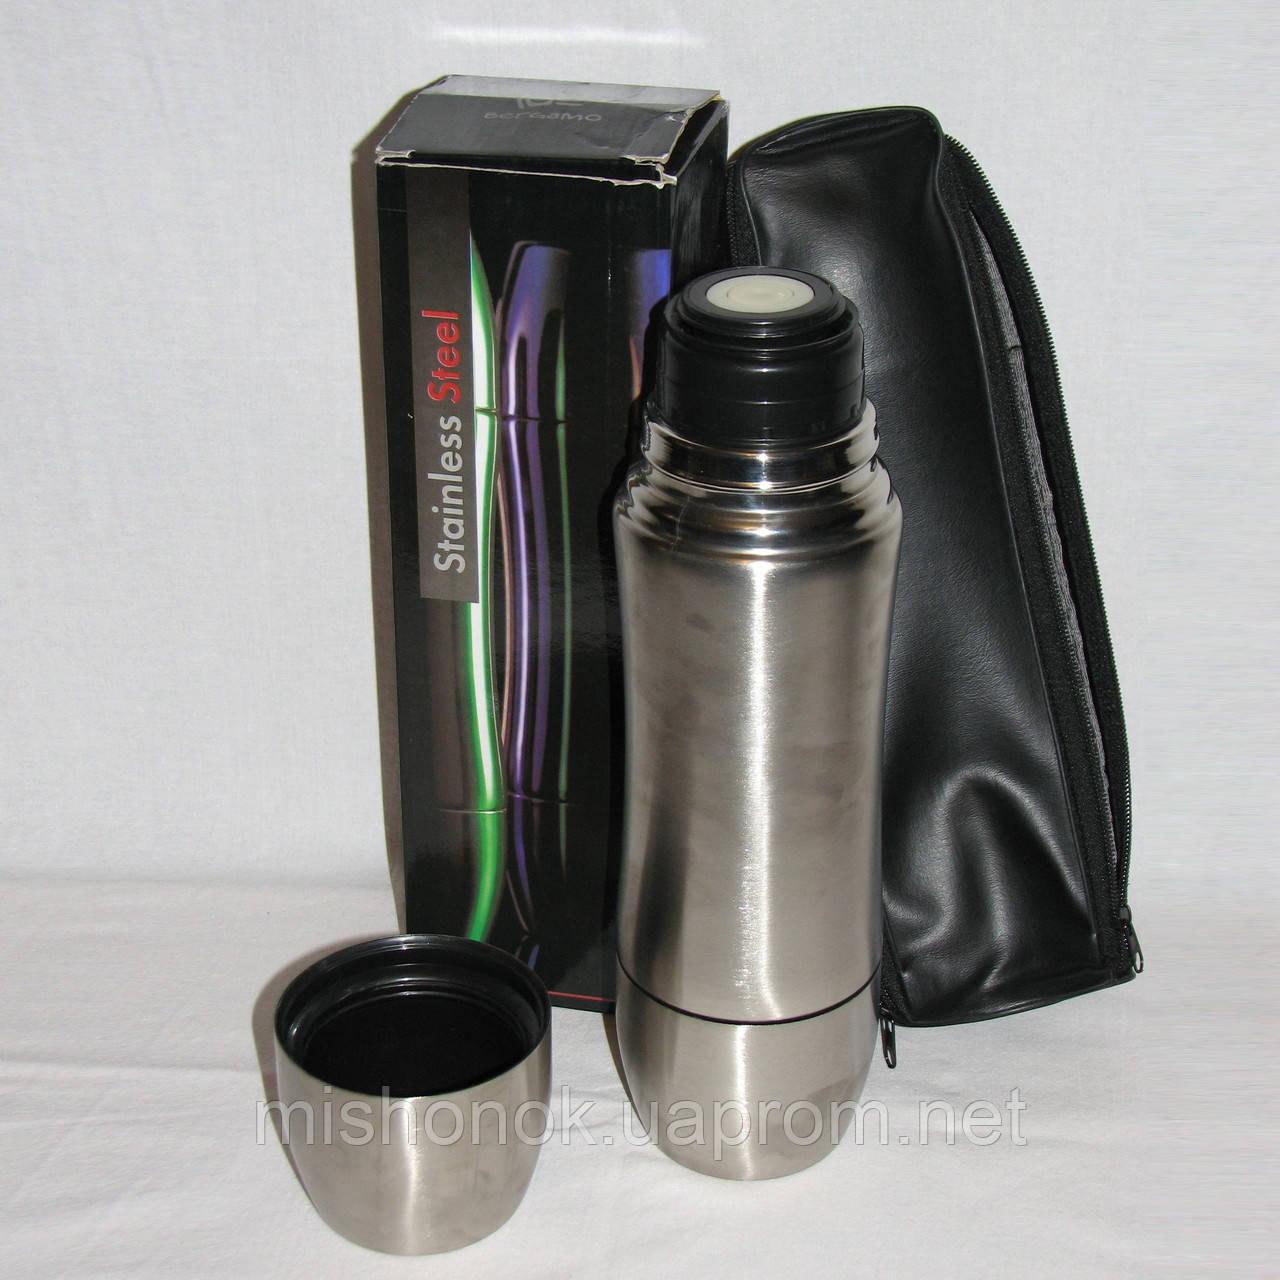 Новый термос нержавейка Bergamo 0.75л с двумя чашками и чехлом в коробке